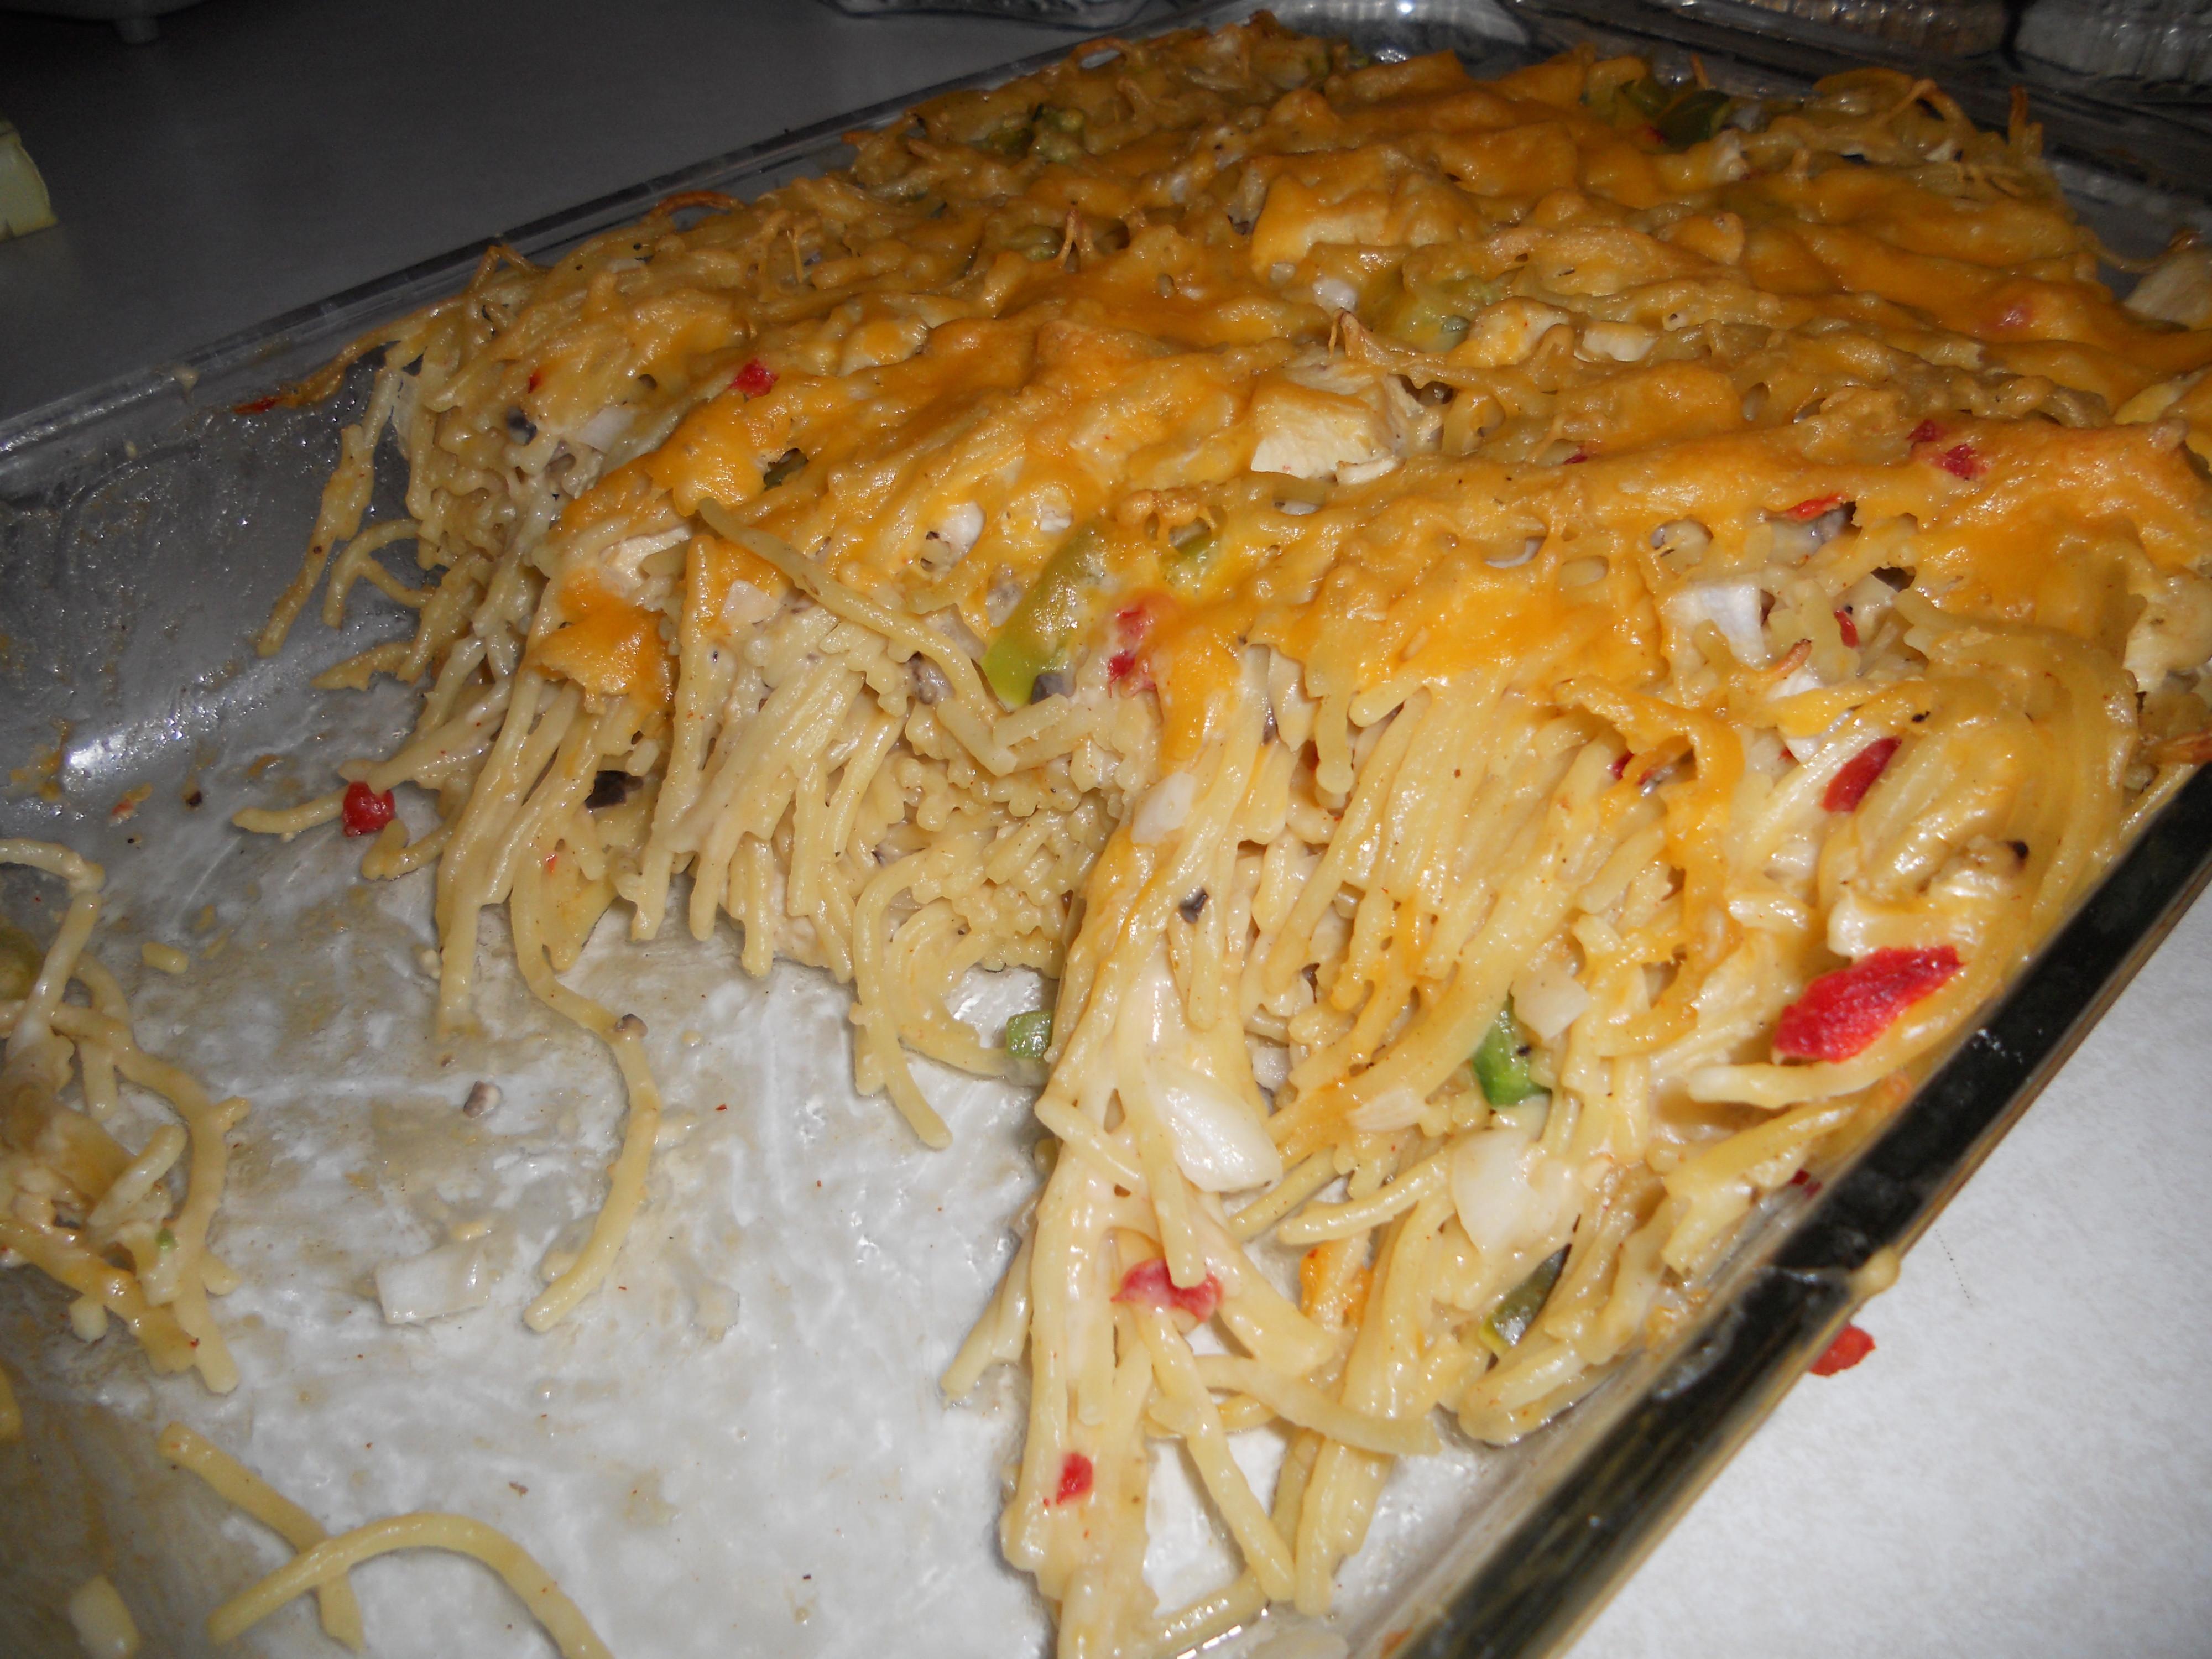 Best Chicken Spaghetti Recipe  best chicken spaghetti casserole ever Video Search